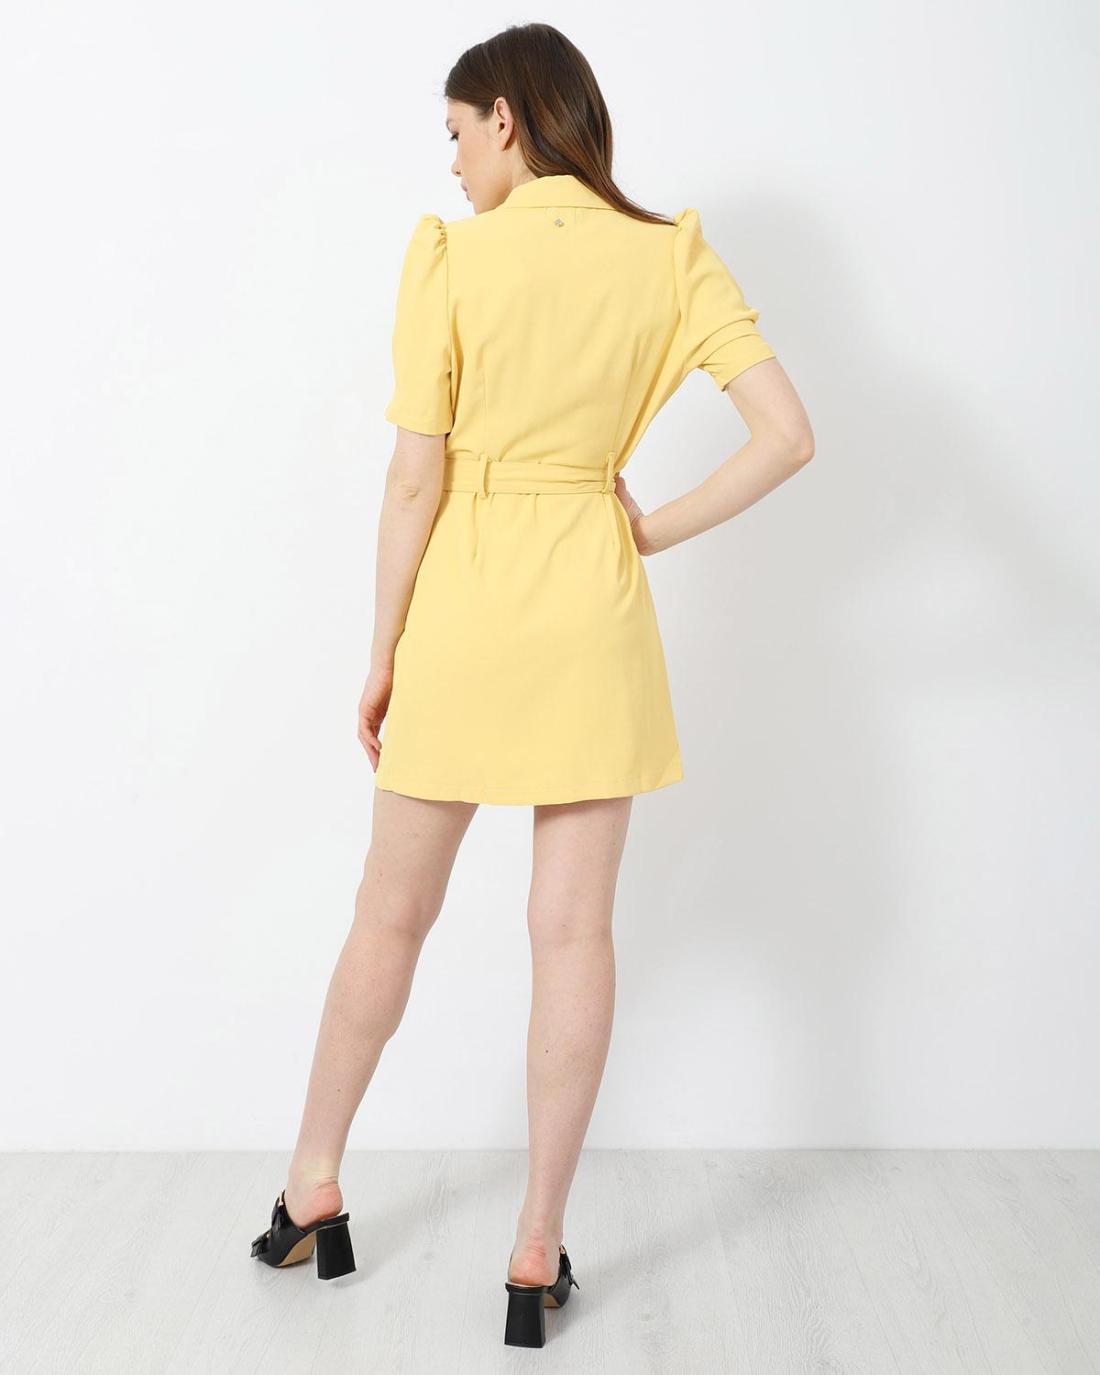 Μίνι φόρεμα κίτρινο